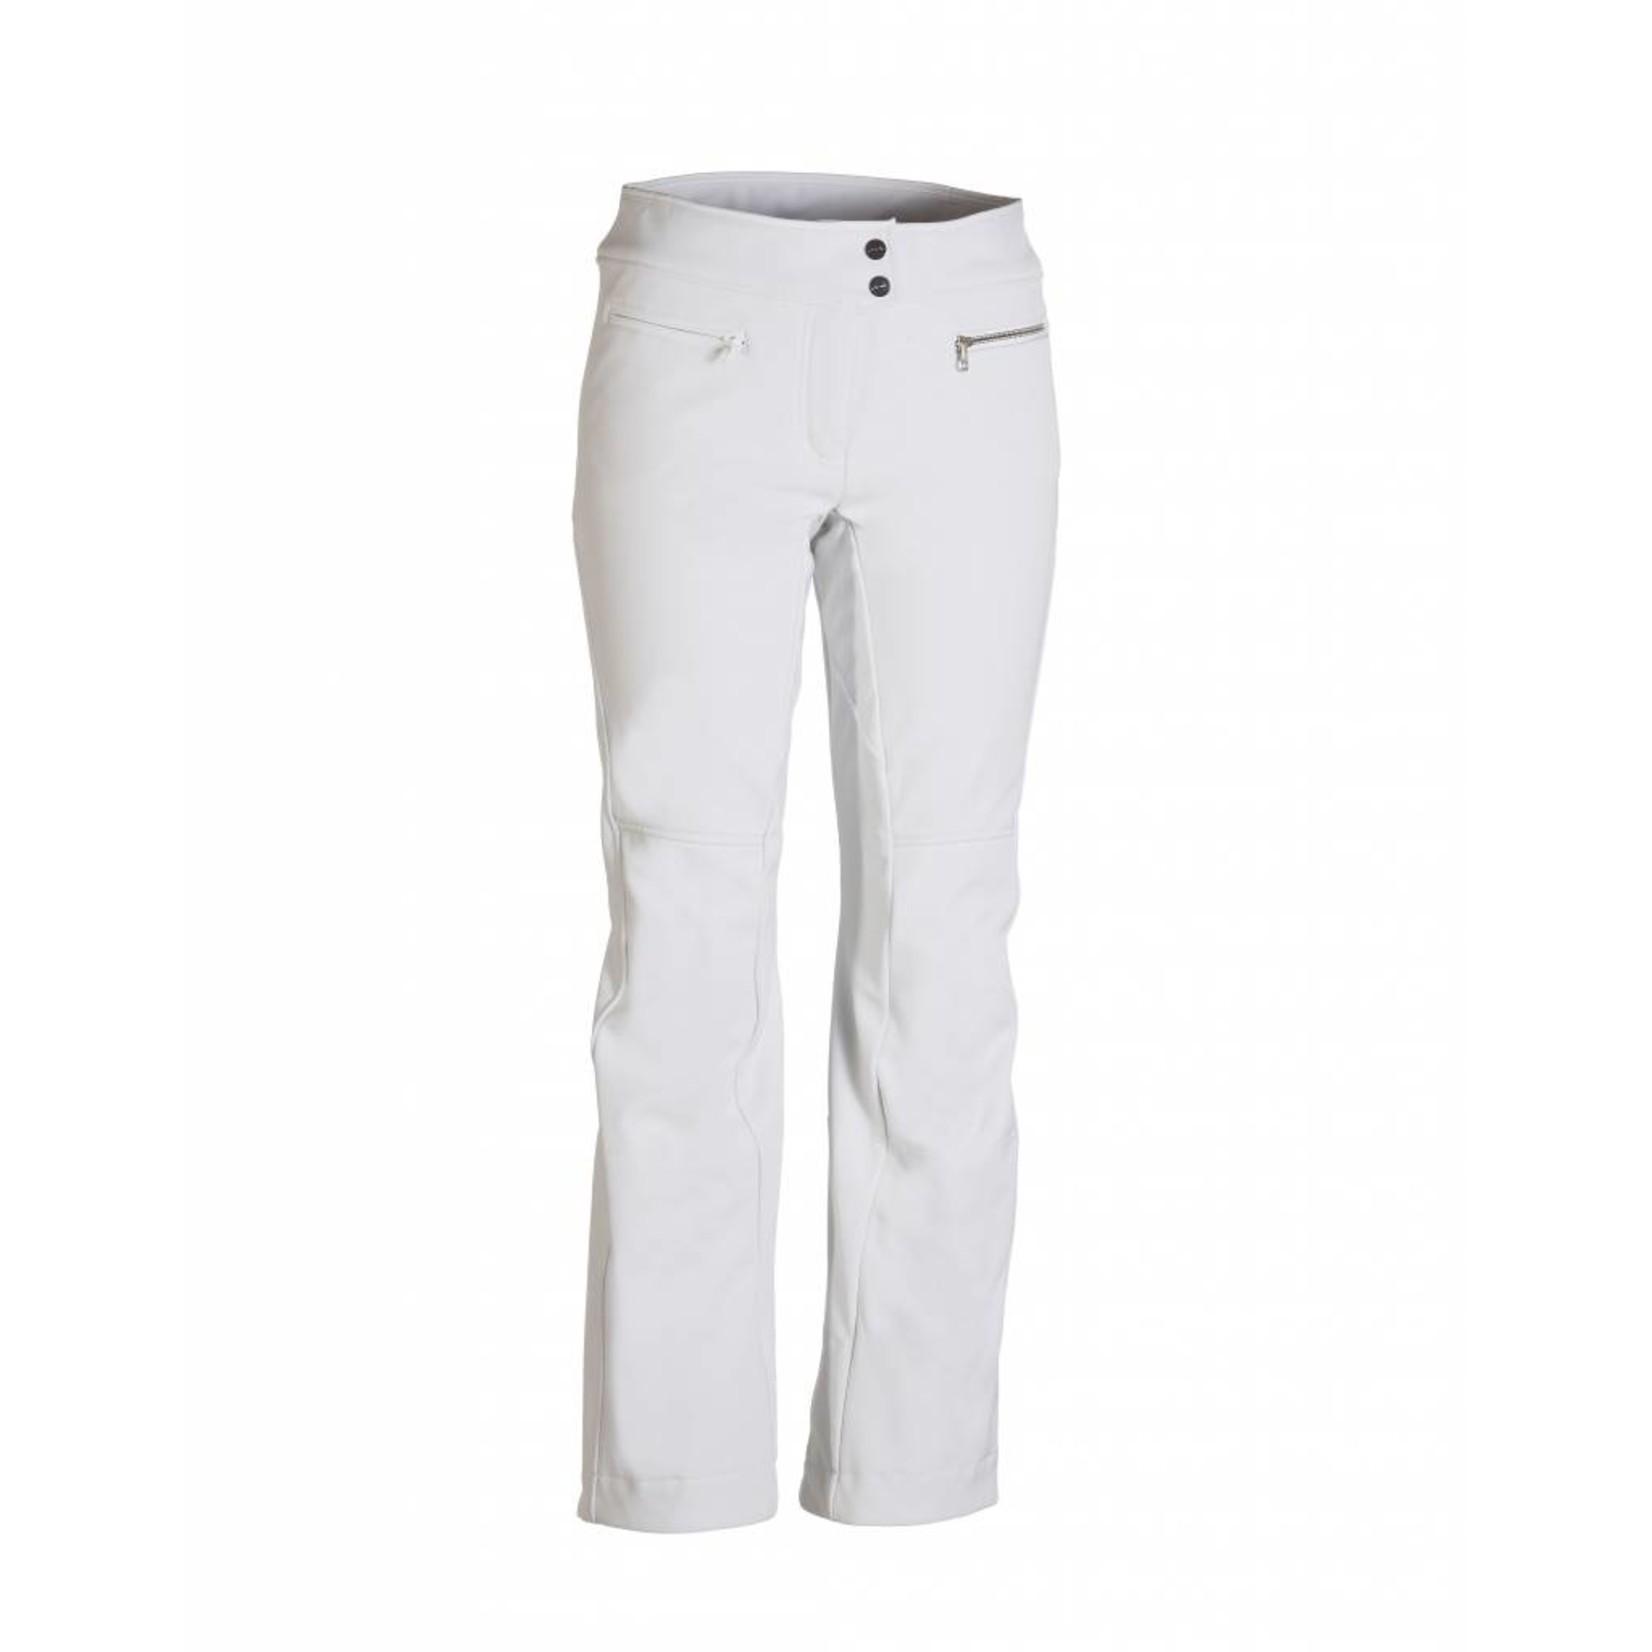 PHENIX Jet Pants - WT